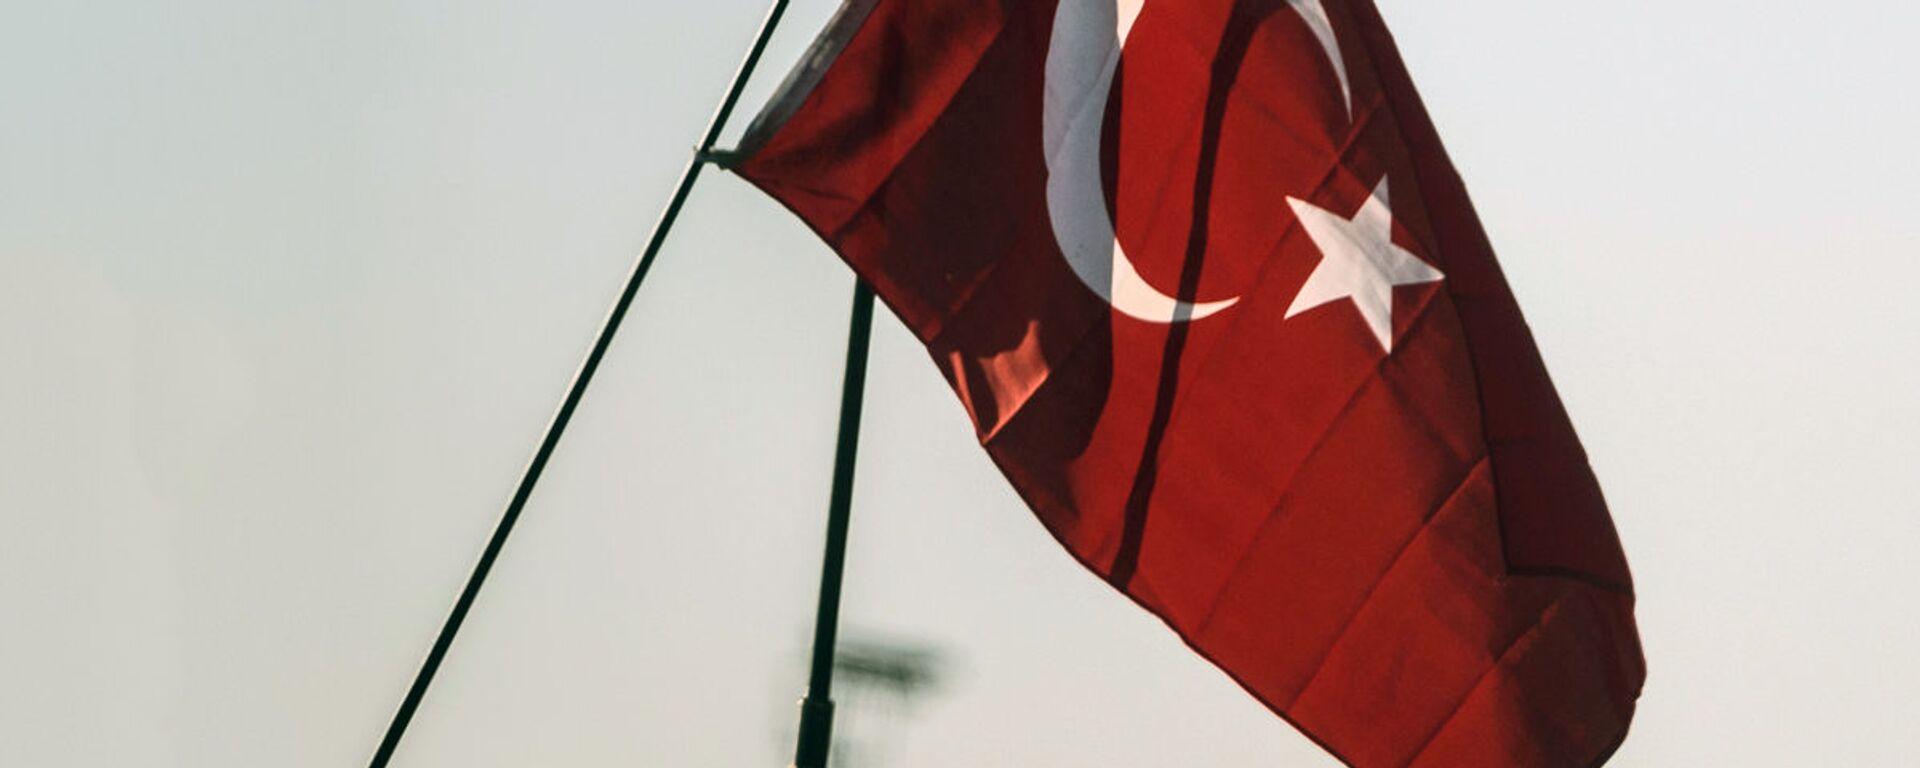 Флаг Турции - Sputnik Узбекистан, 1920, 23.11.2020